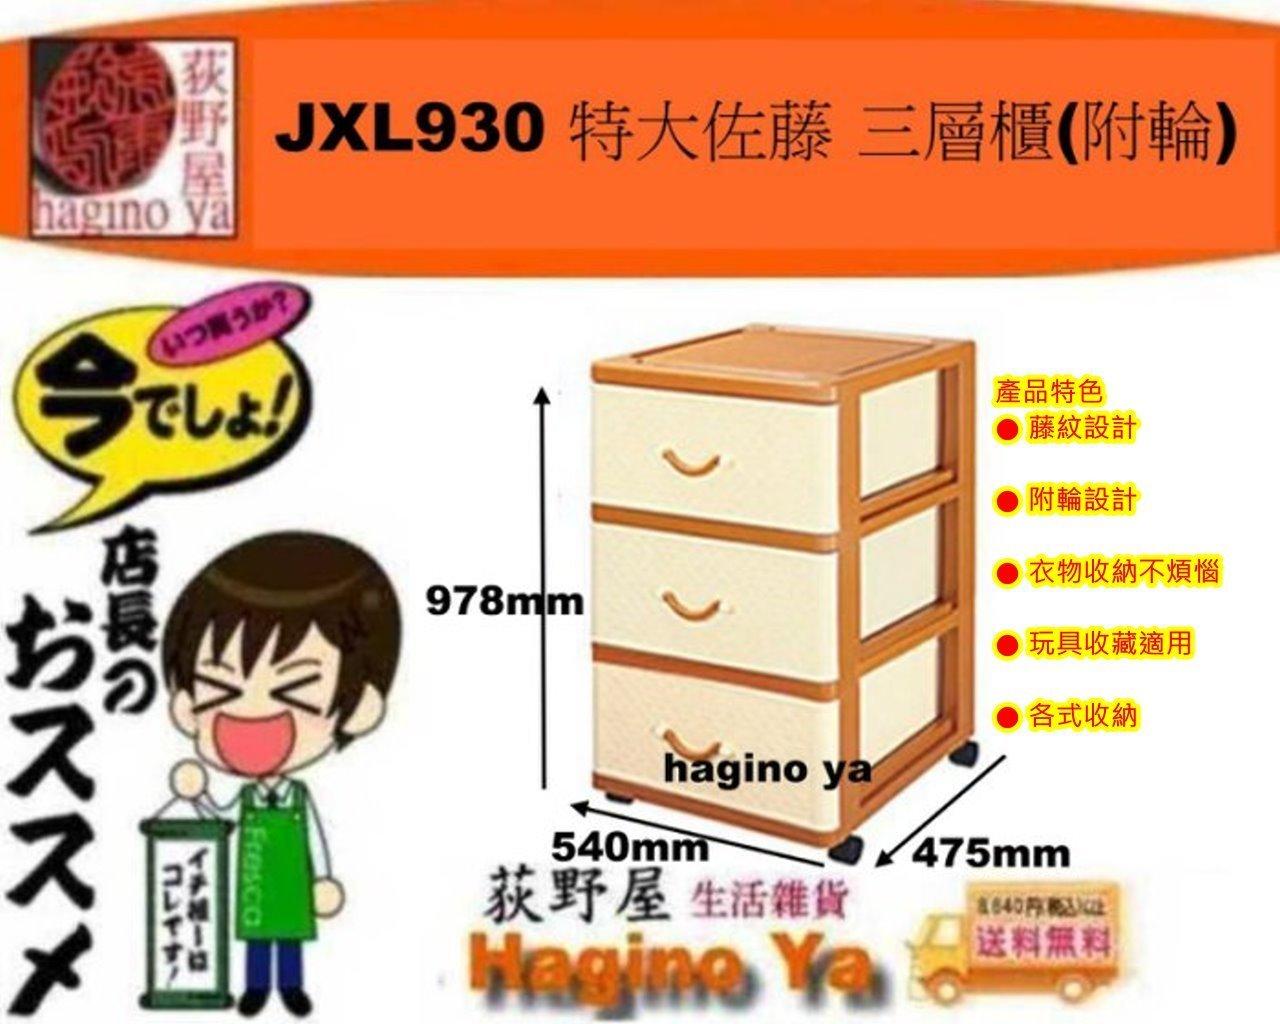 荻野屋 「免 」 JXL-930 深型特大佐藤3層櫃(附輪) 收納櫃 置物櫃 抽屜整理箱 JXL930 直